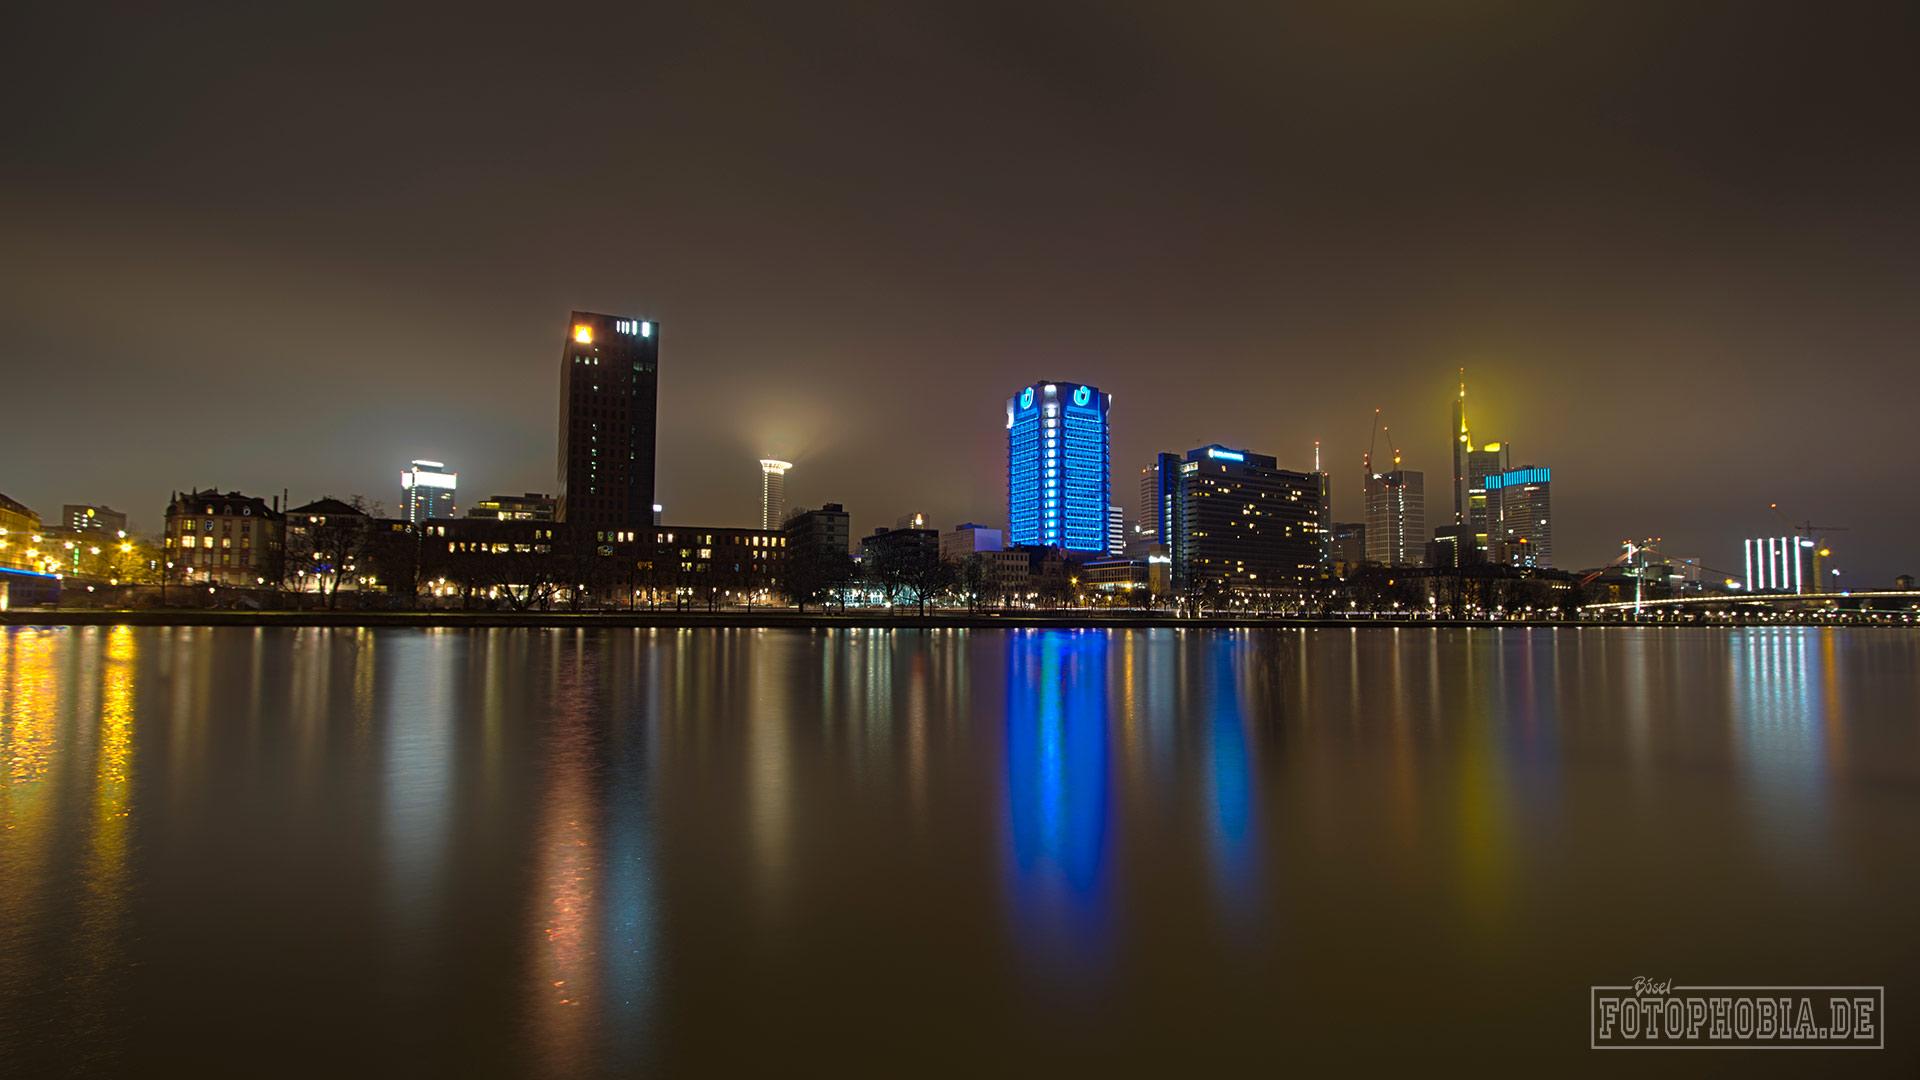 Foto der Frankfurter Skyline